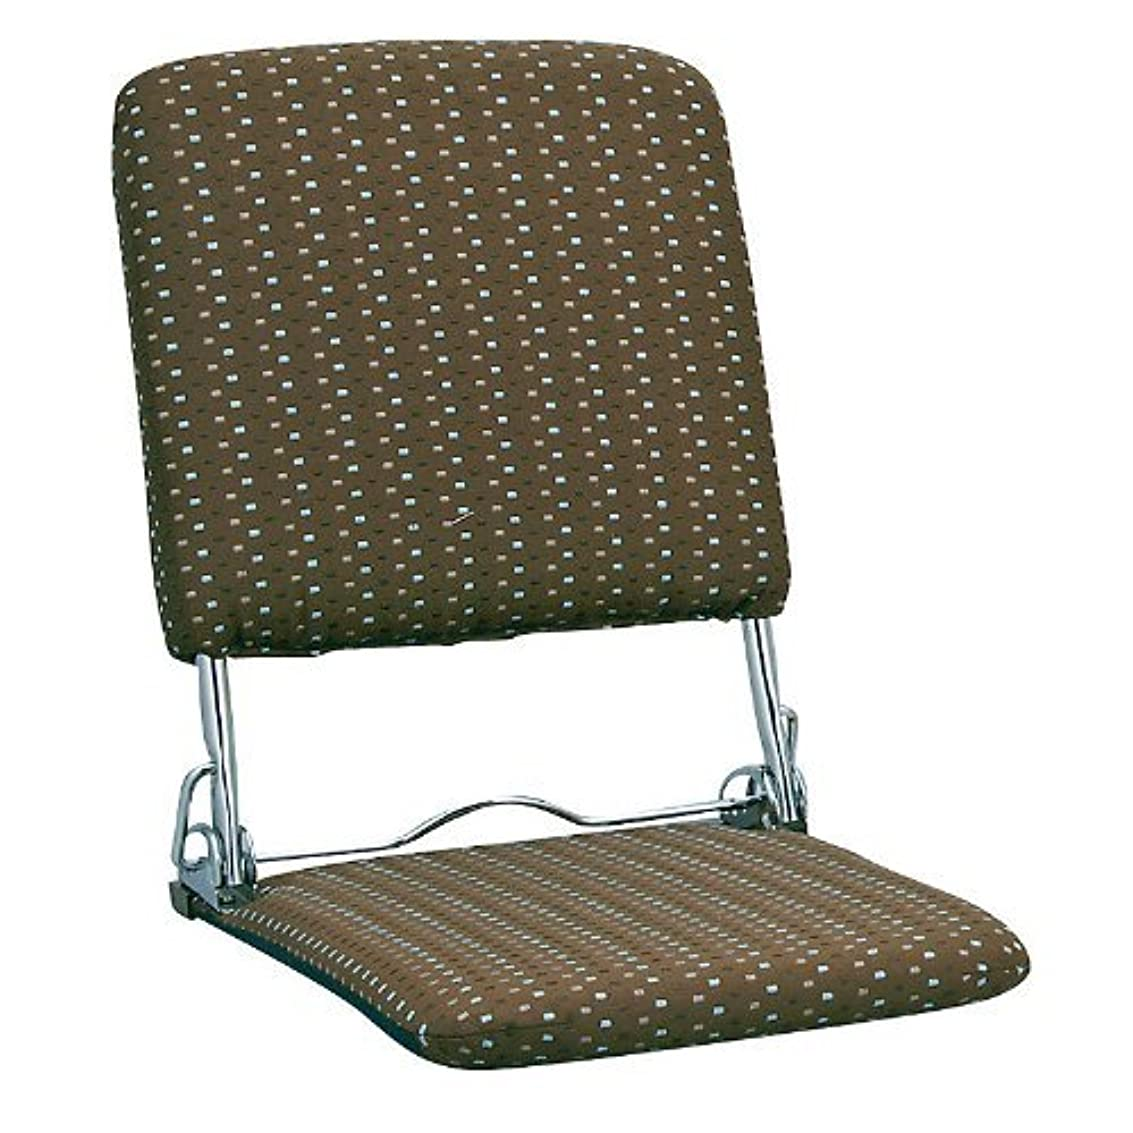 海嶺衰える事実ミヤタケ(宮武製作所) オリタタミ座椅子 ブラウン YS-424